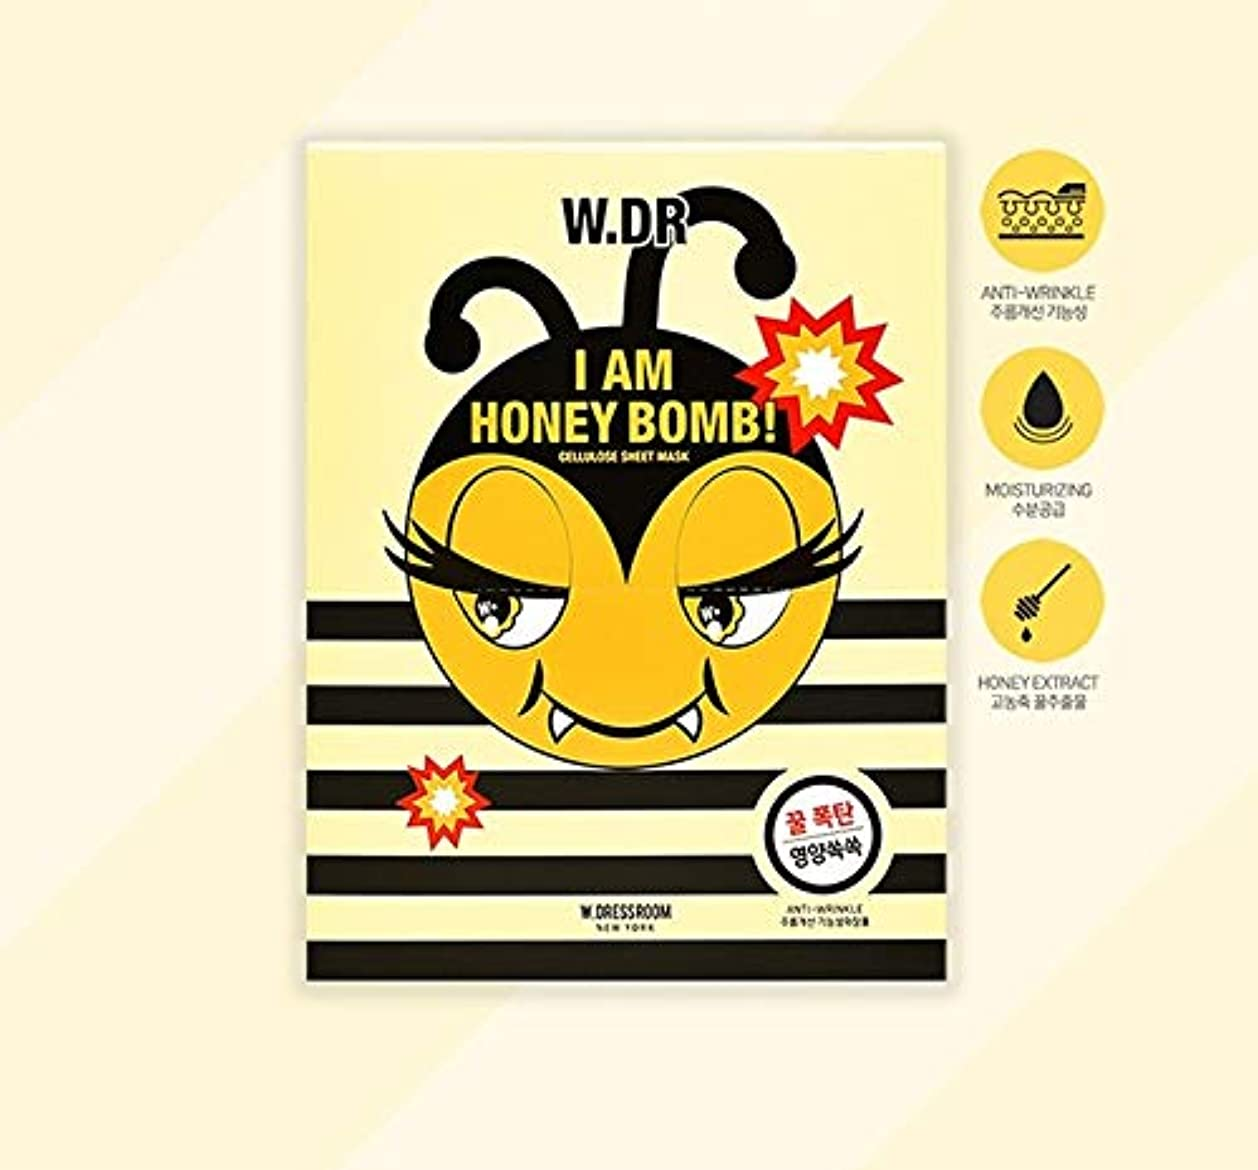 防腐剤形好意W.DRESSROOM I AM HONEY BOMBセルロースシートマスク10EA 韓国の有名化粧品ブランドの人気マスクパック水分補給肌の保湿スキンケア